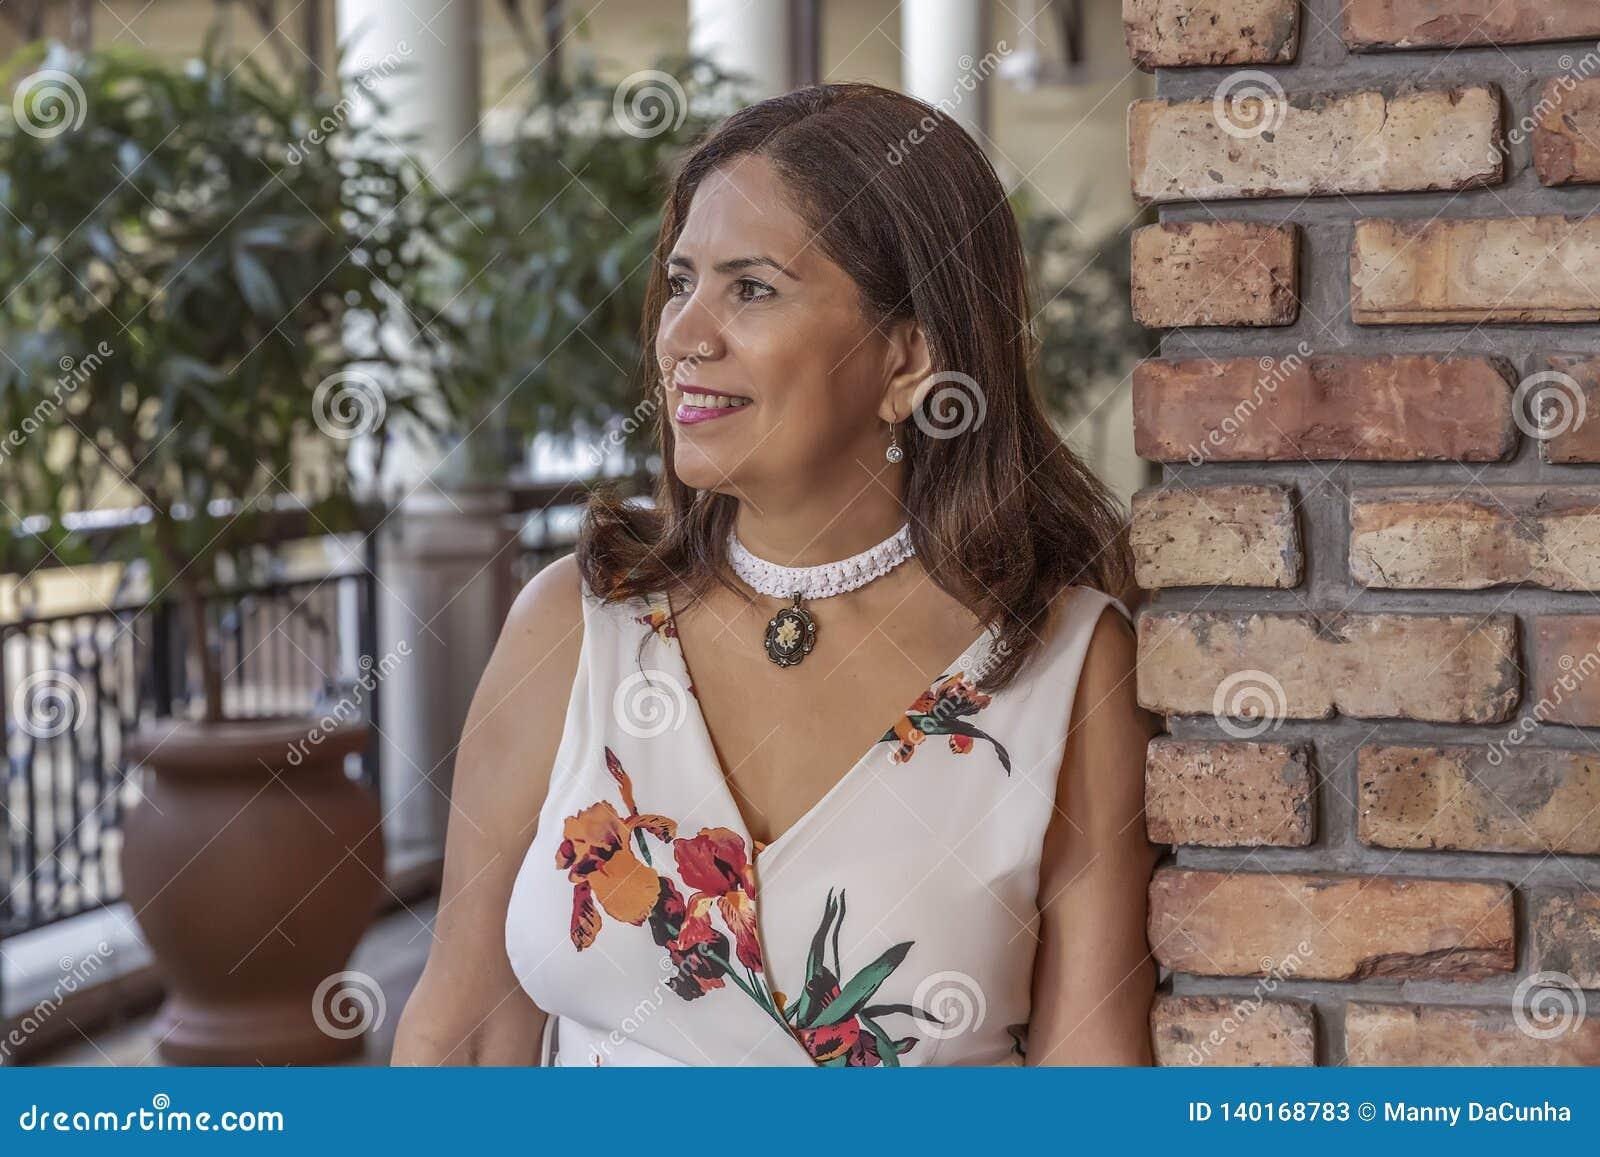 Изощренная латинская зрелая женщина полагается на кирпичной стене смотря прочь